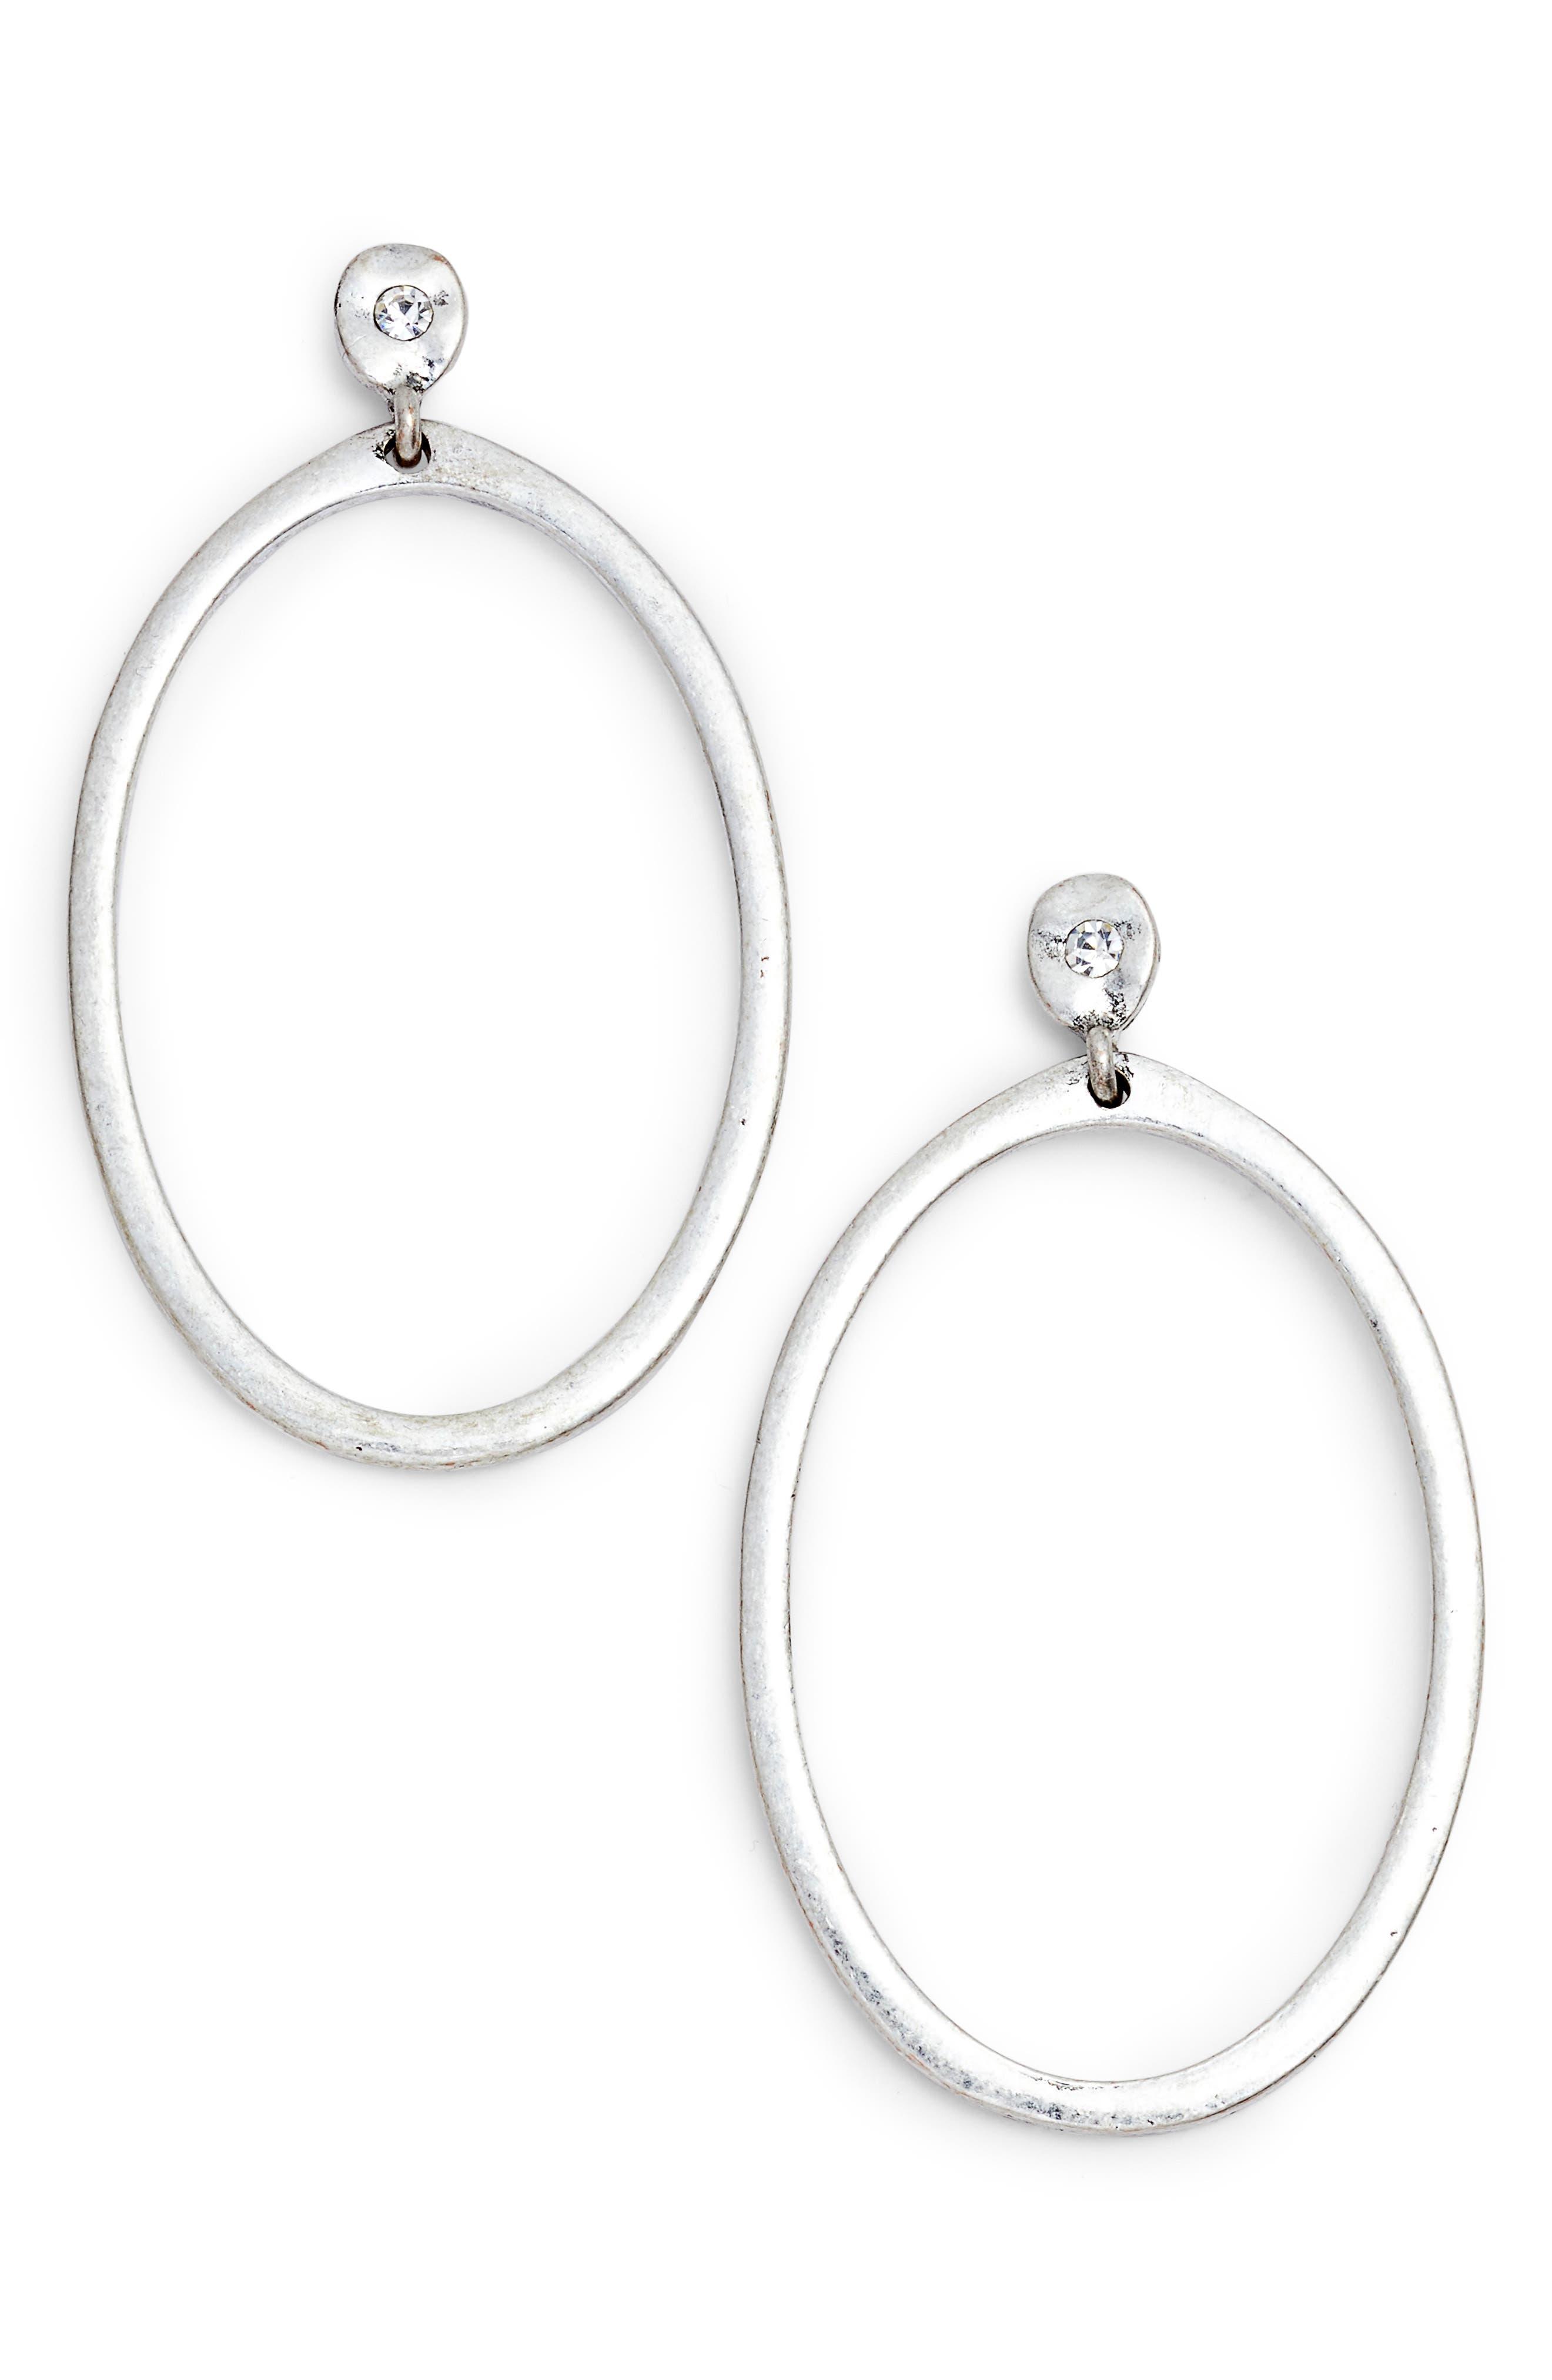 Organic Oval Hoop Earrings,                             Main thumbnail 1, color,